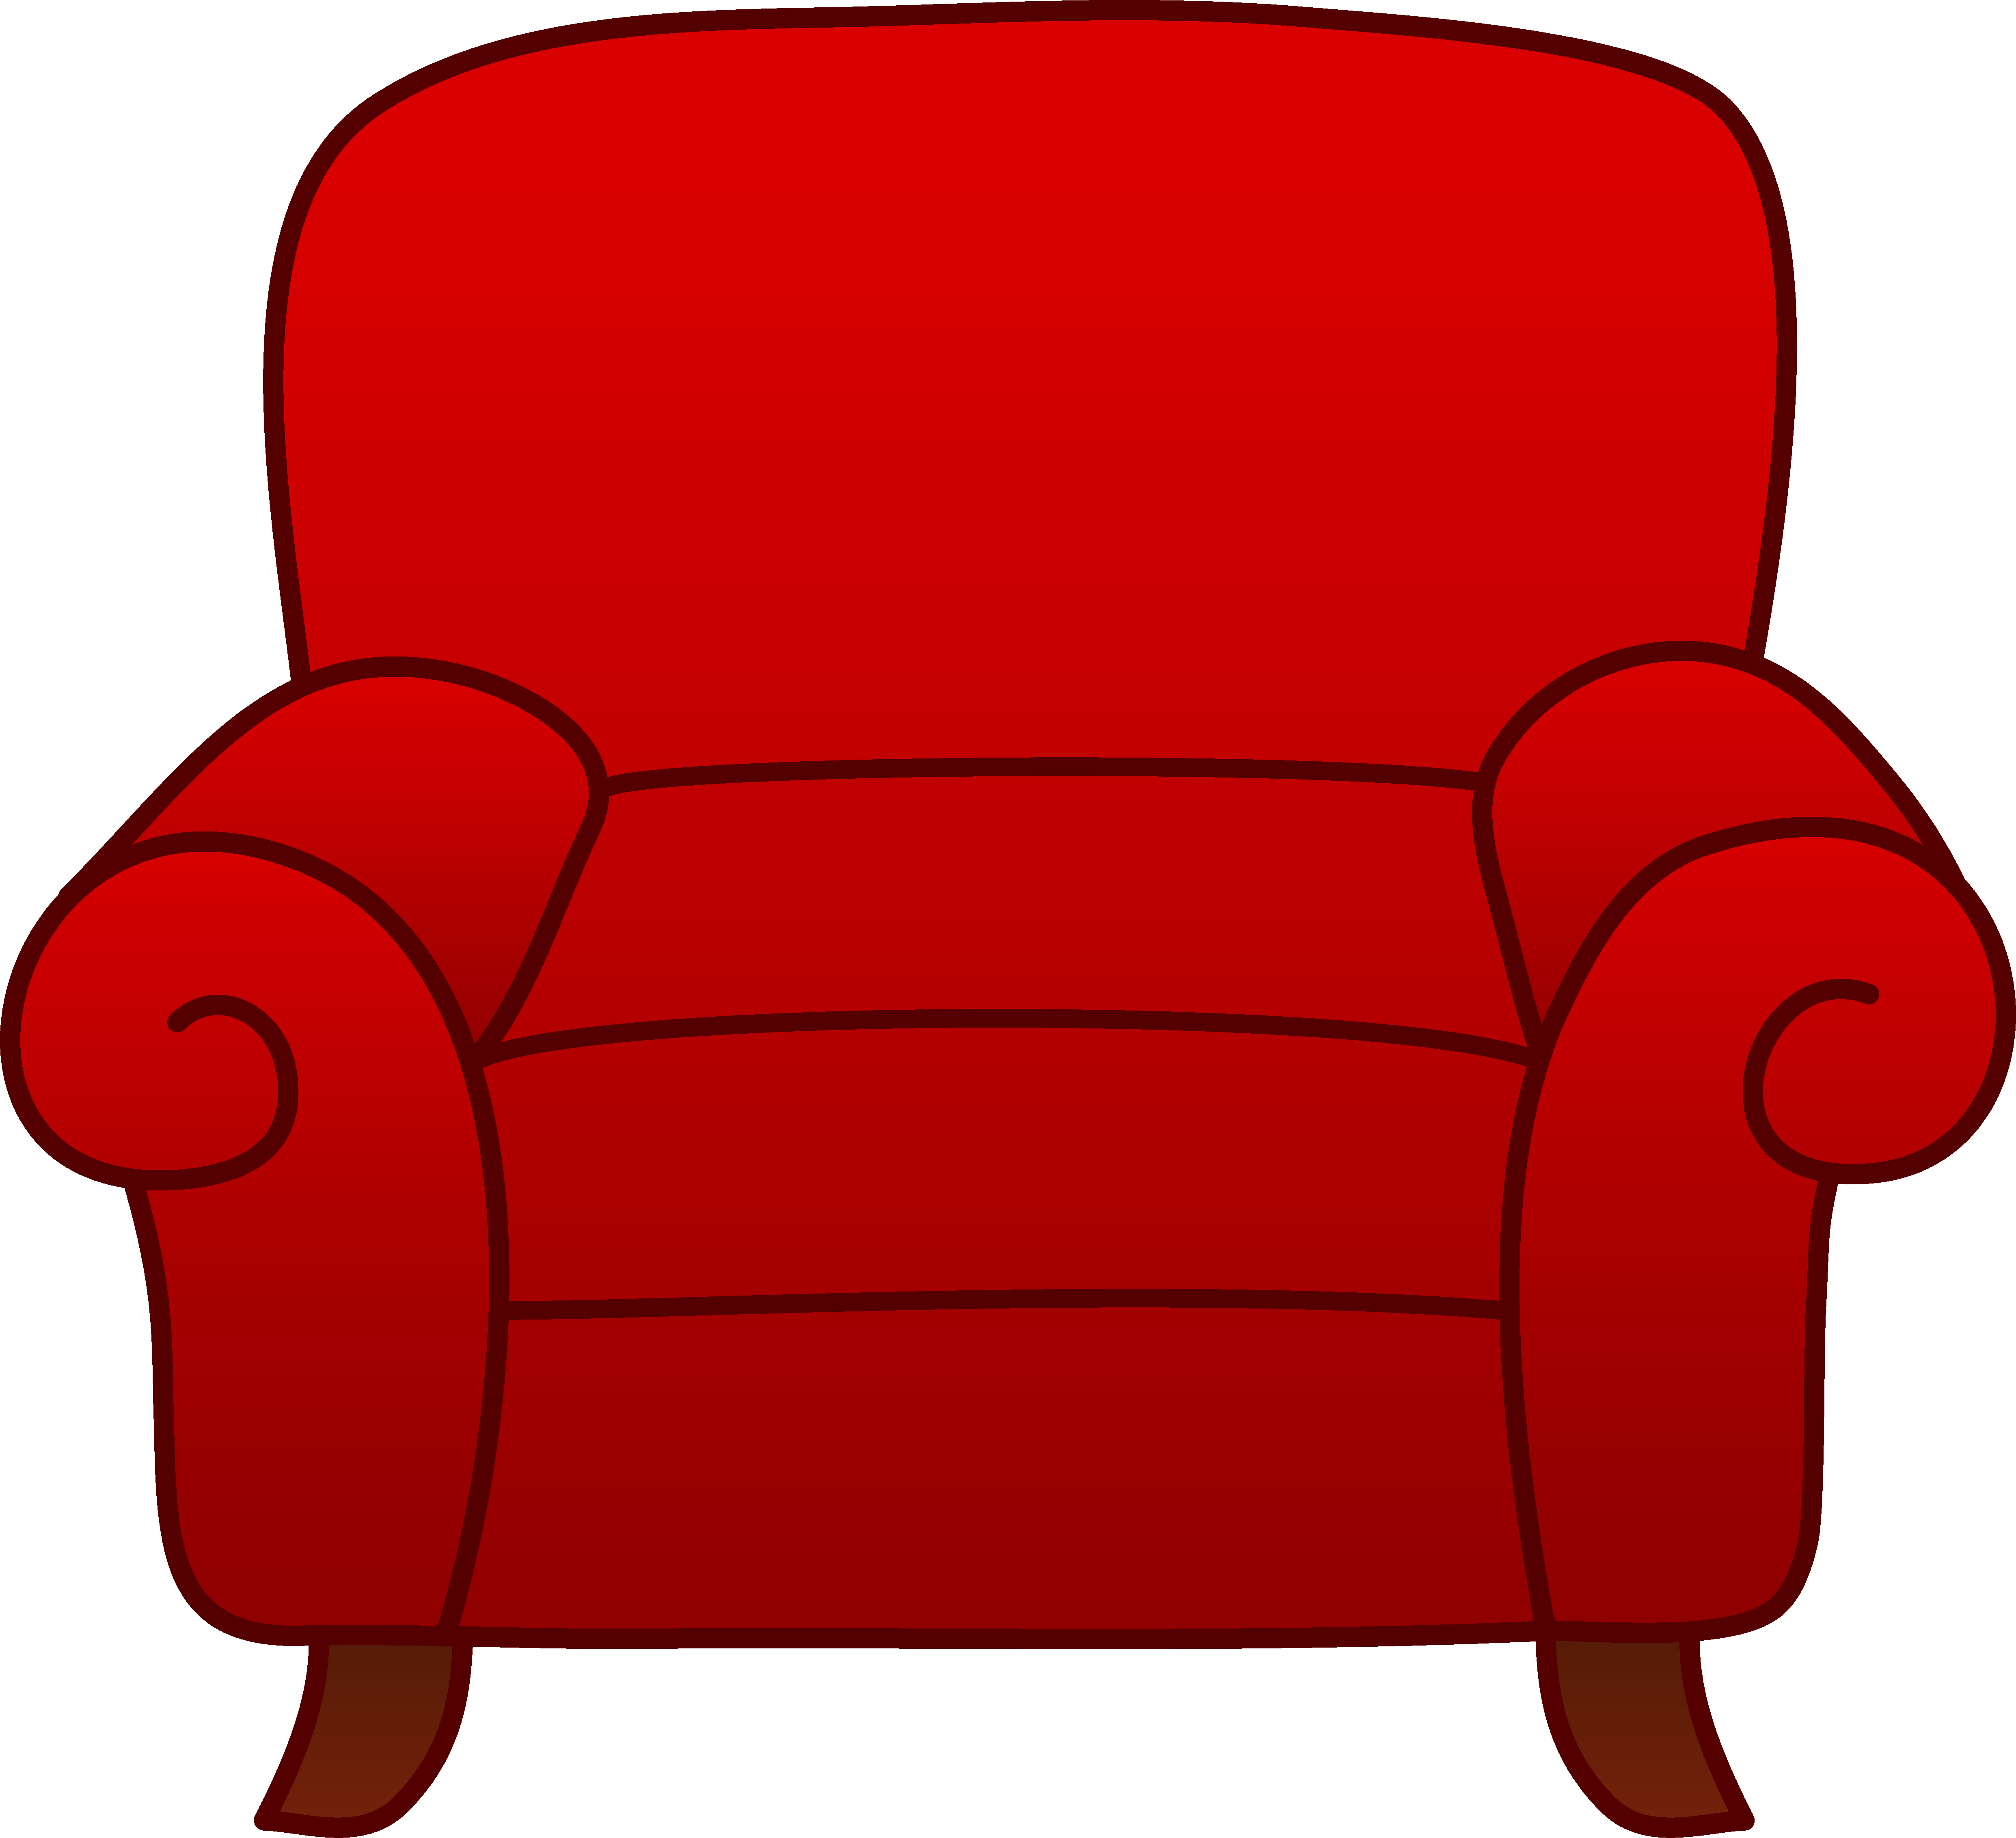 Arm chair clipart